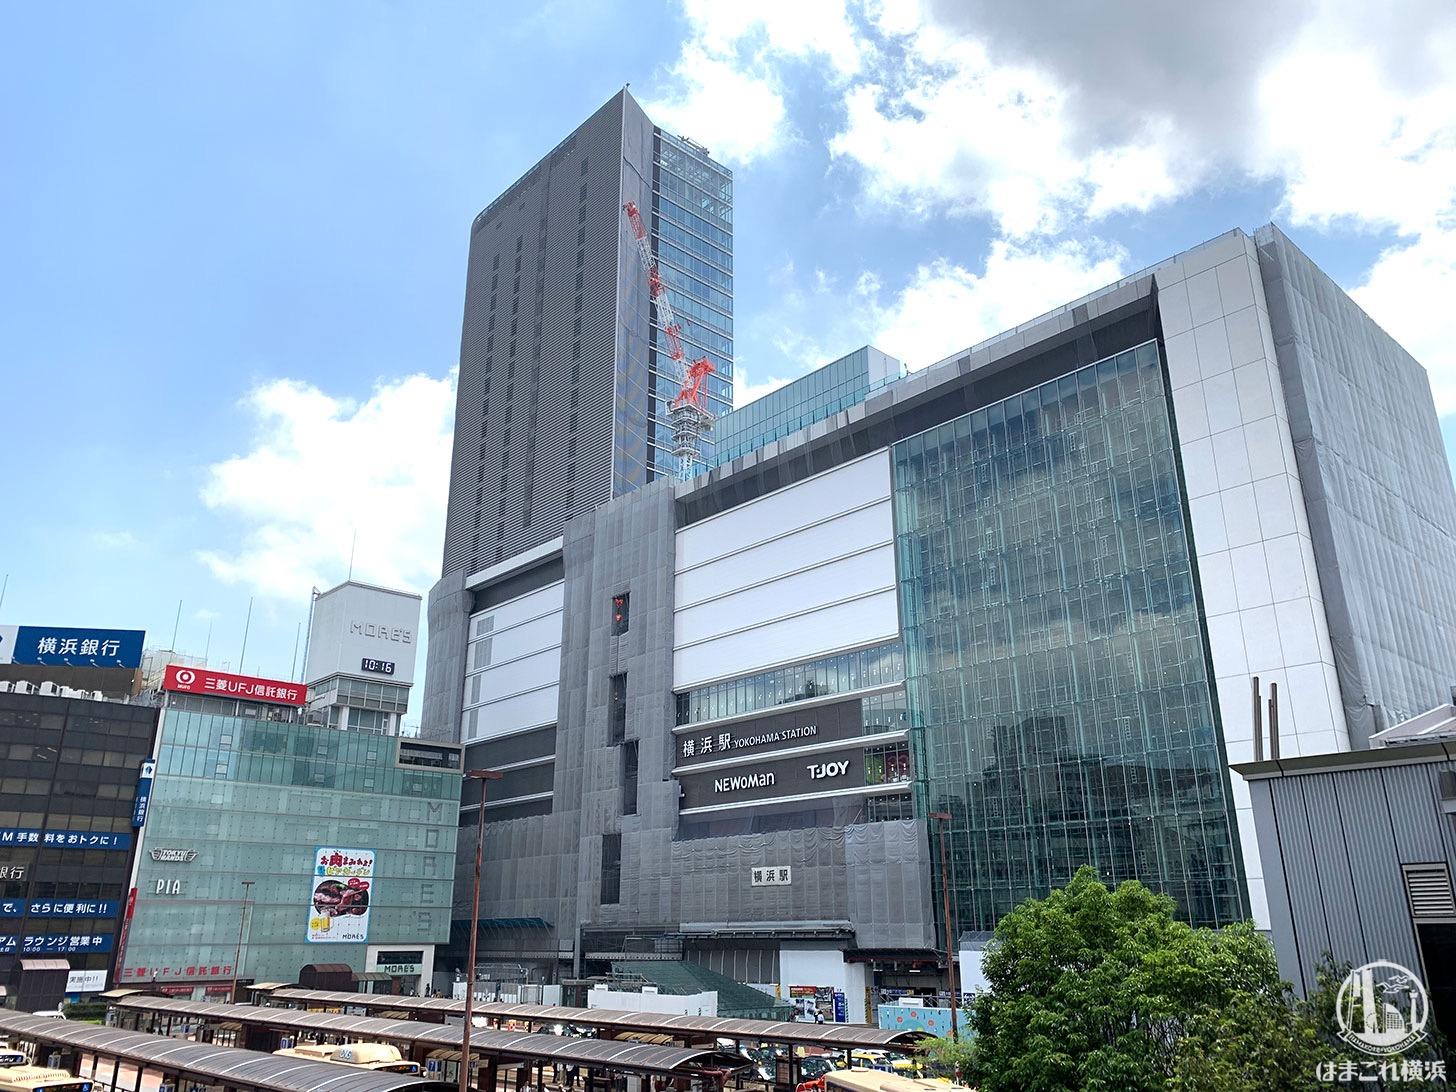 横浜駅西口 駅ビル